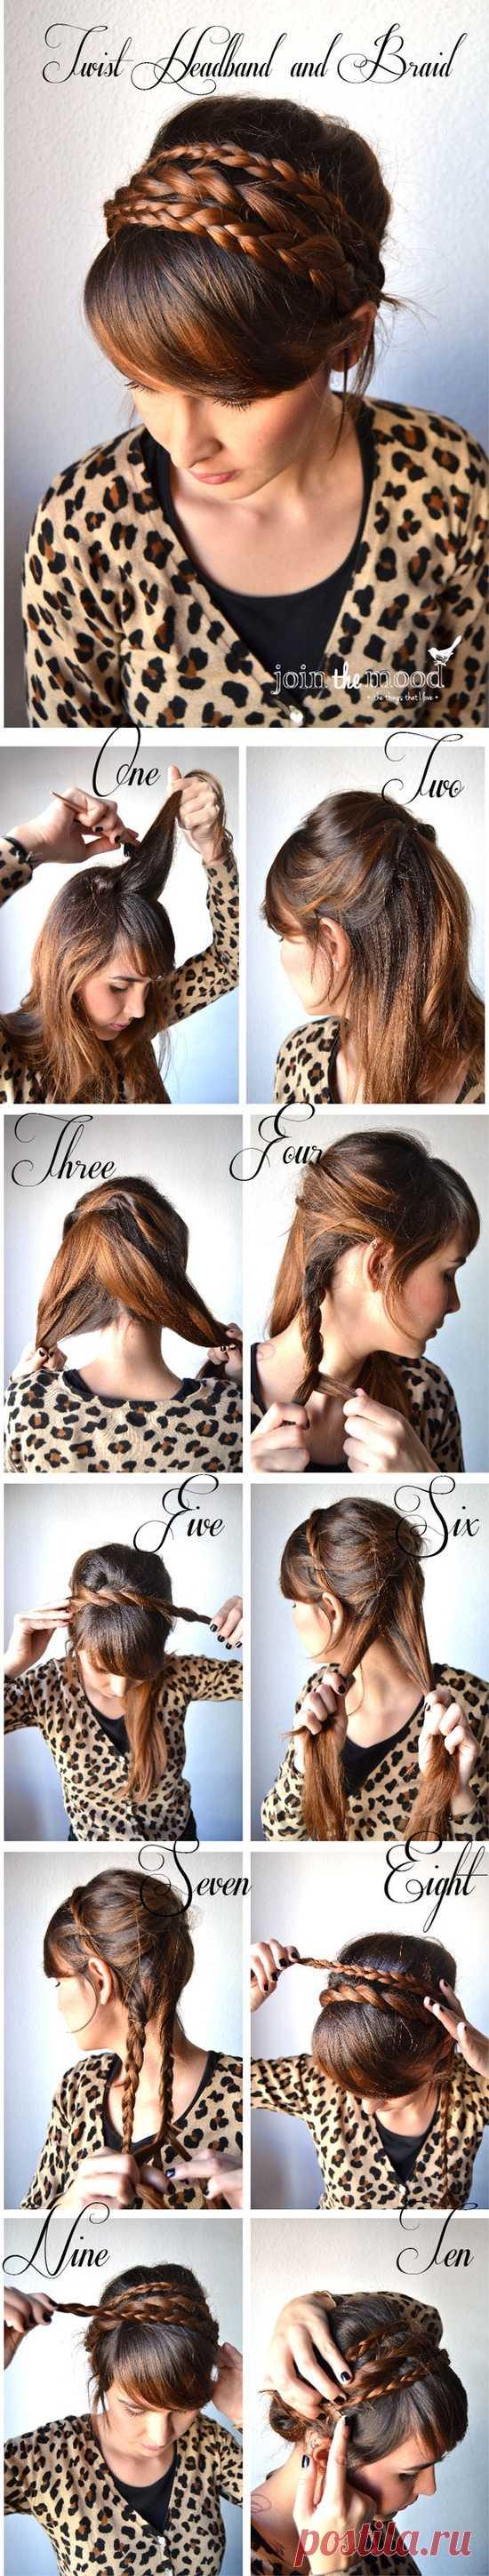 El peinado simple y hermoso